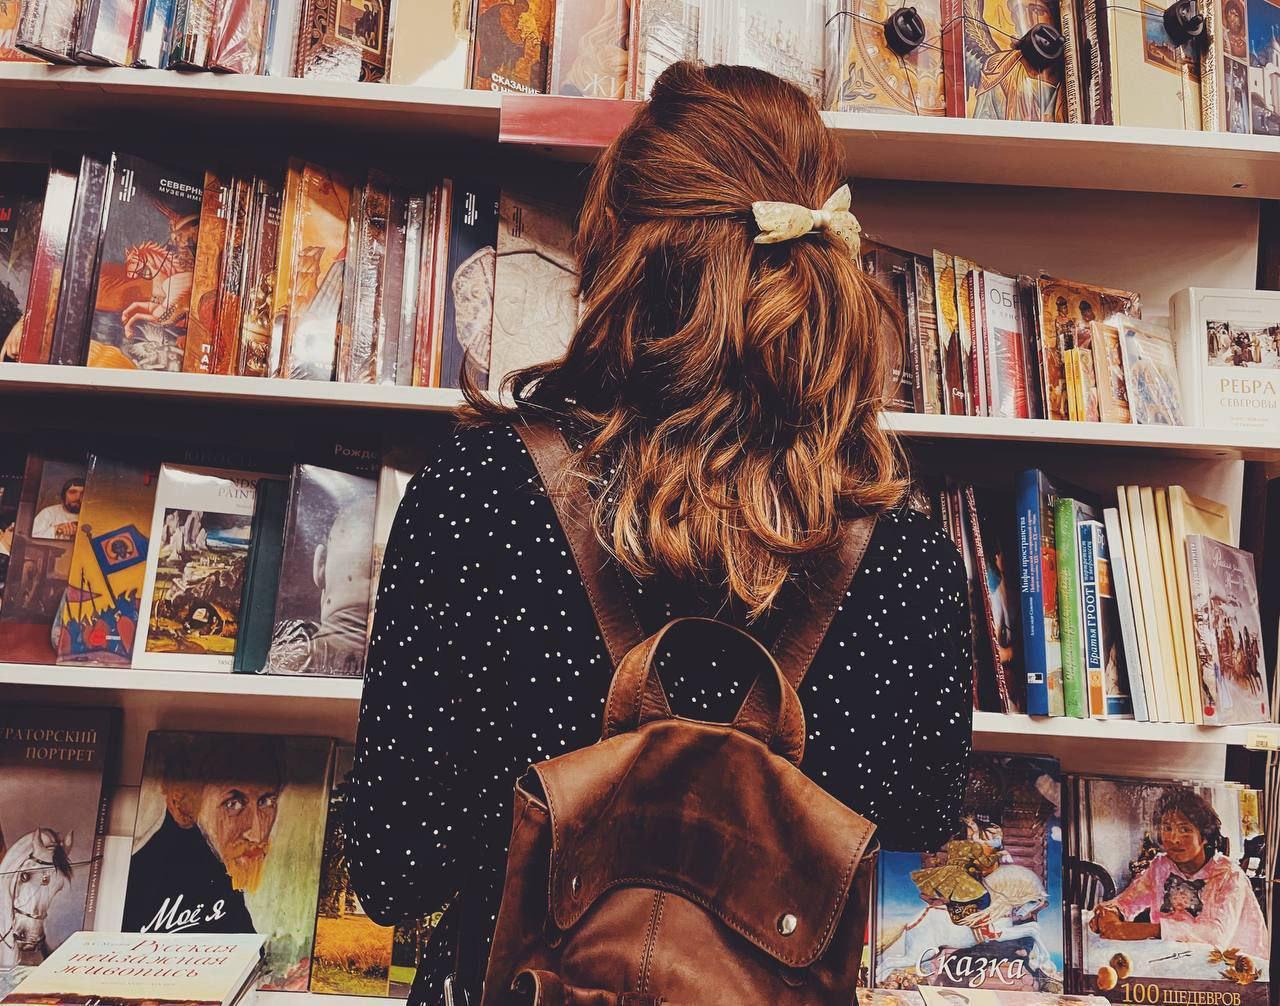 Окунитесь с головой в омут мыслей о книгах!  Мы собрали воедино тысячи мыслей...